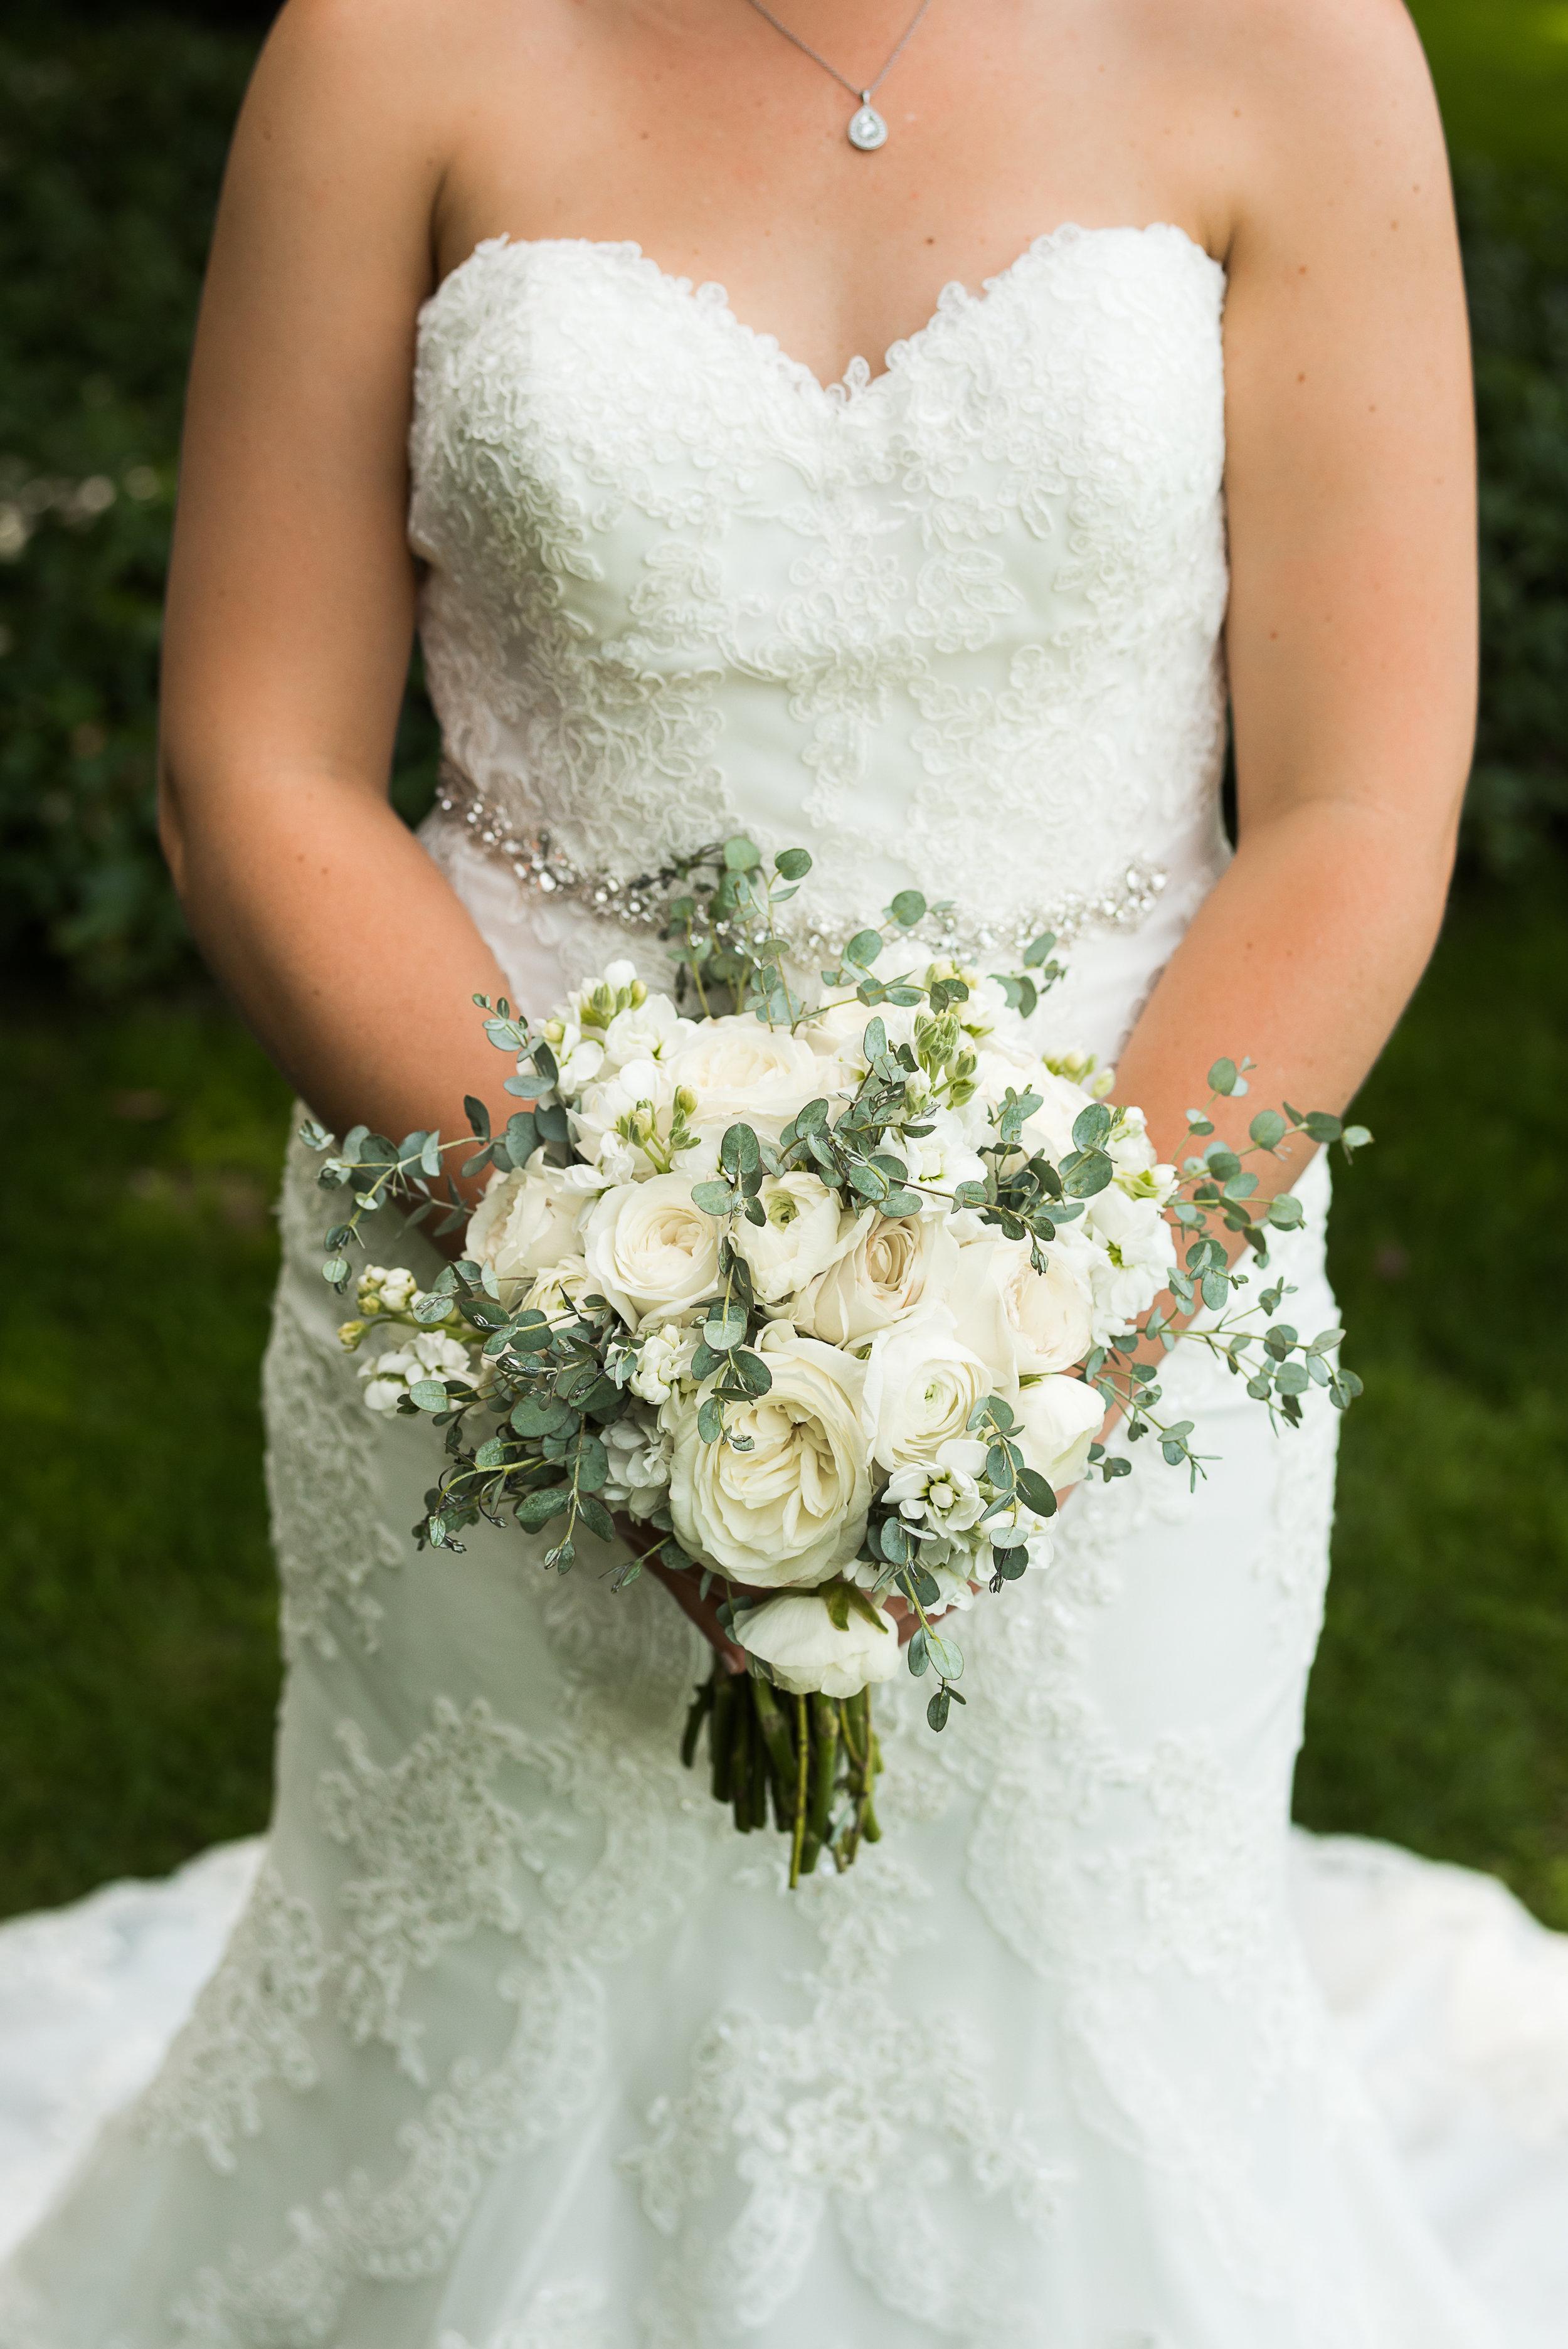 HA-wedding-Van-Wyhe-Photography-271.jpg